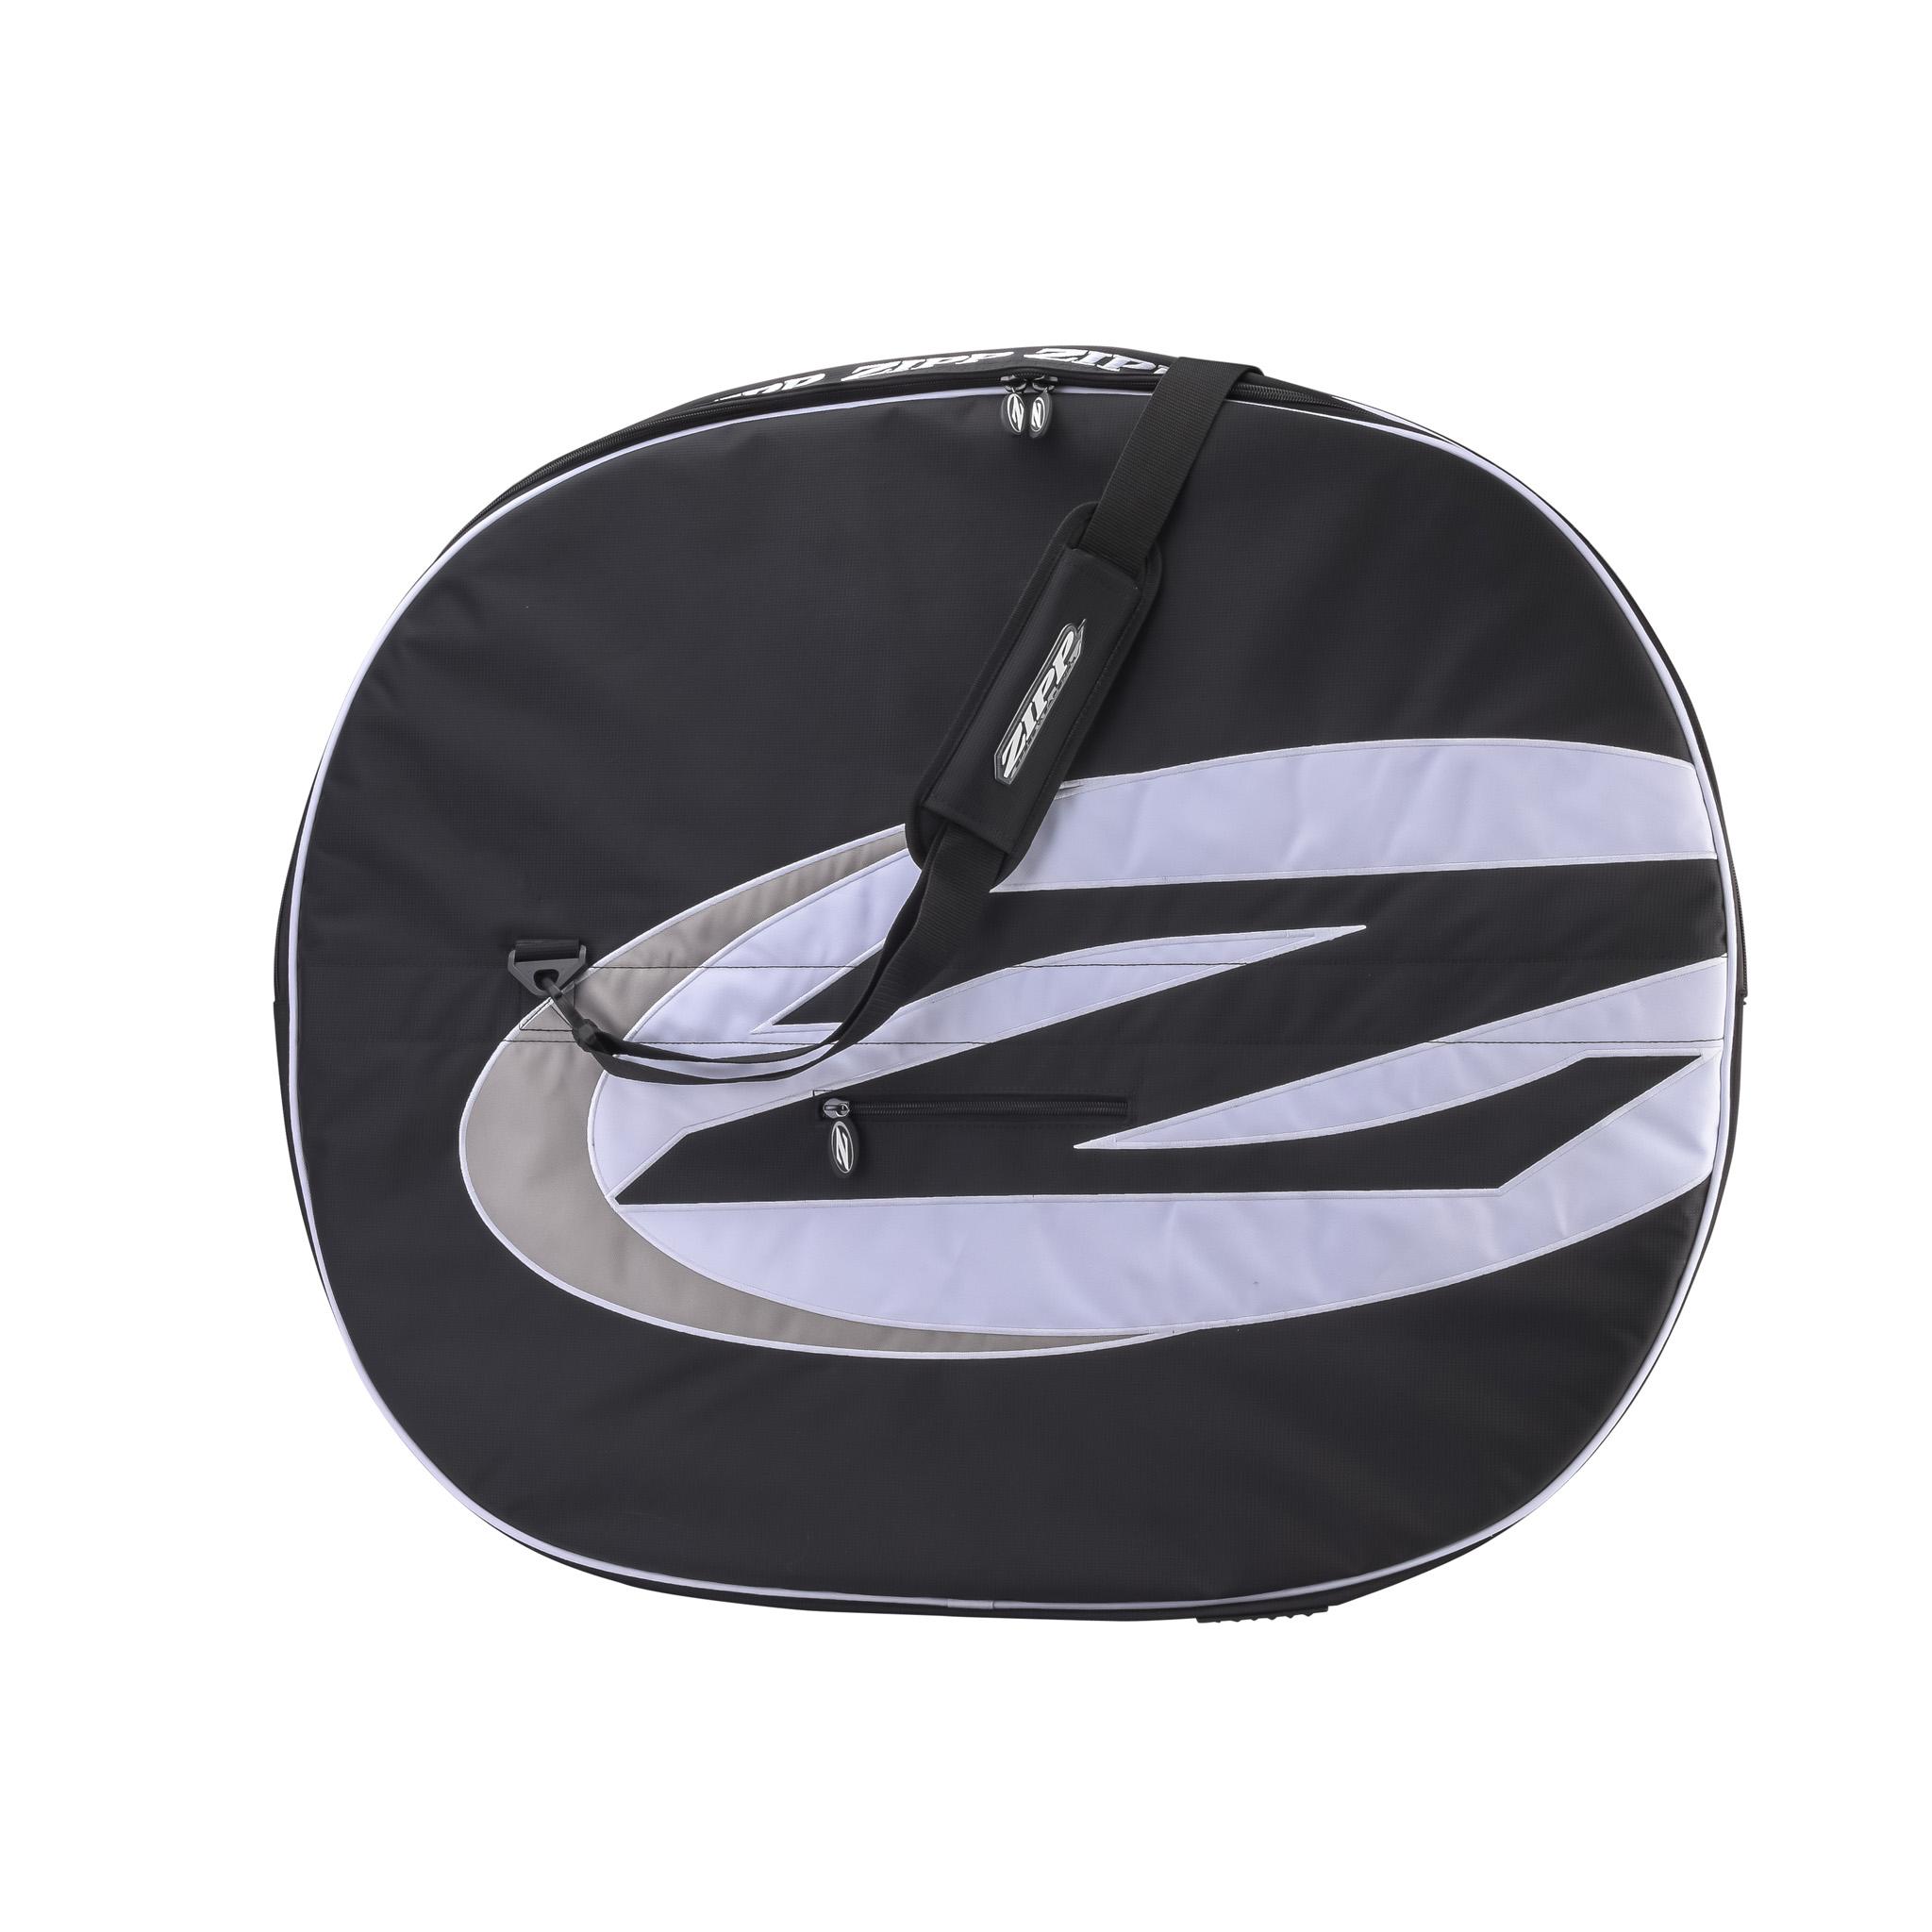 Housse pour paire de roues zipp double probikeshop for Housse pour roue